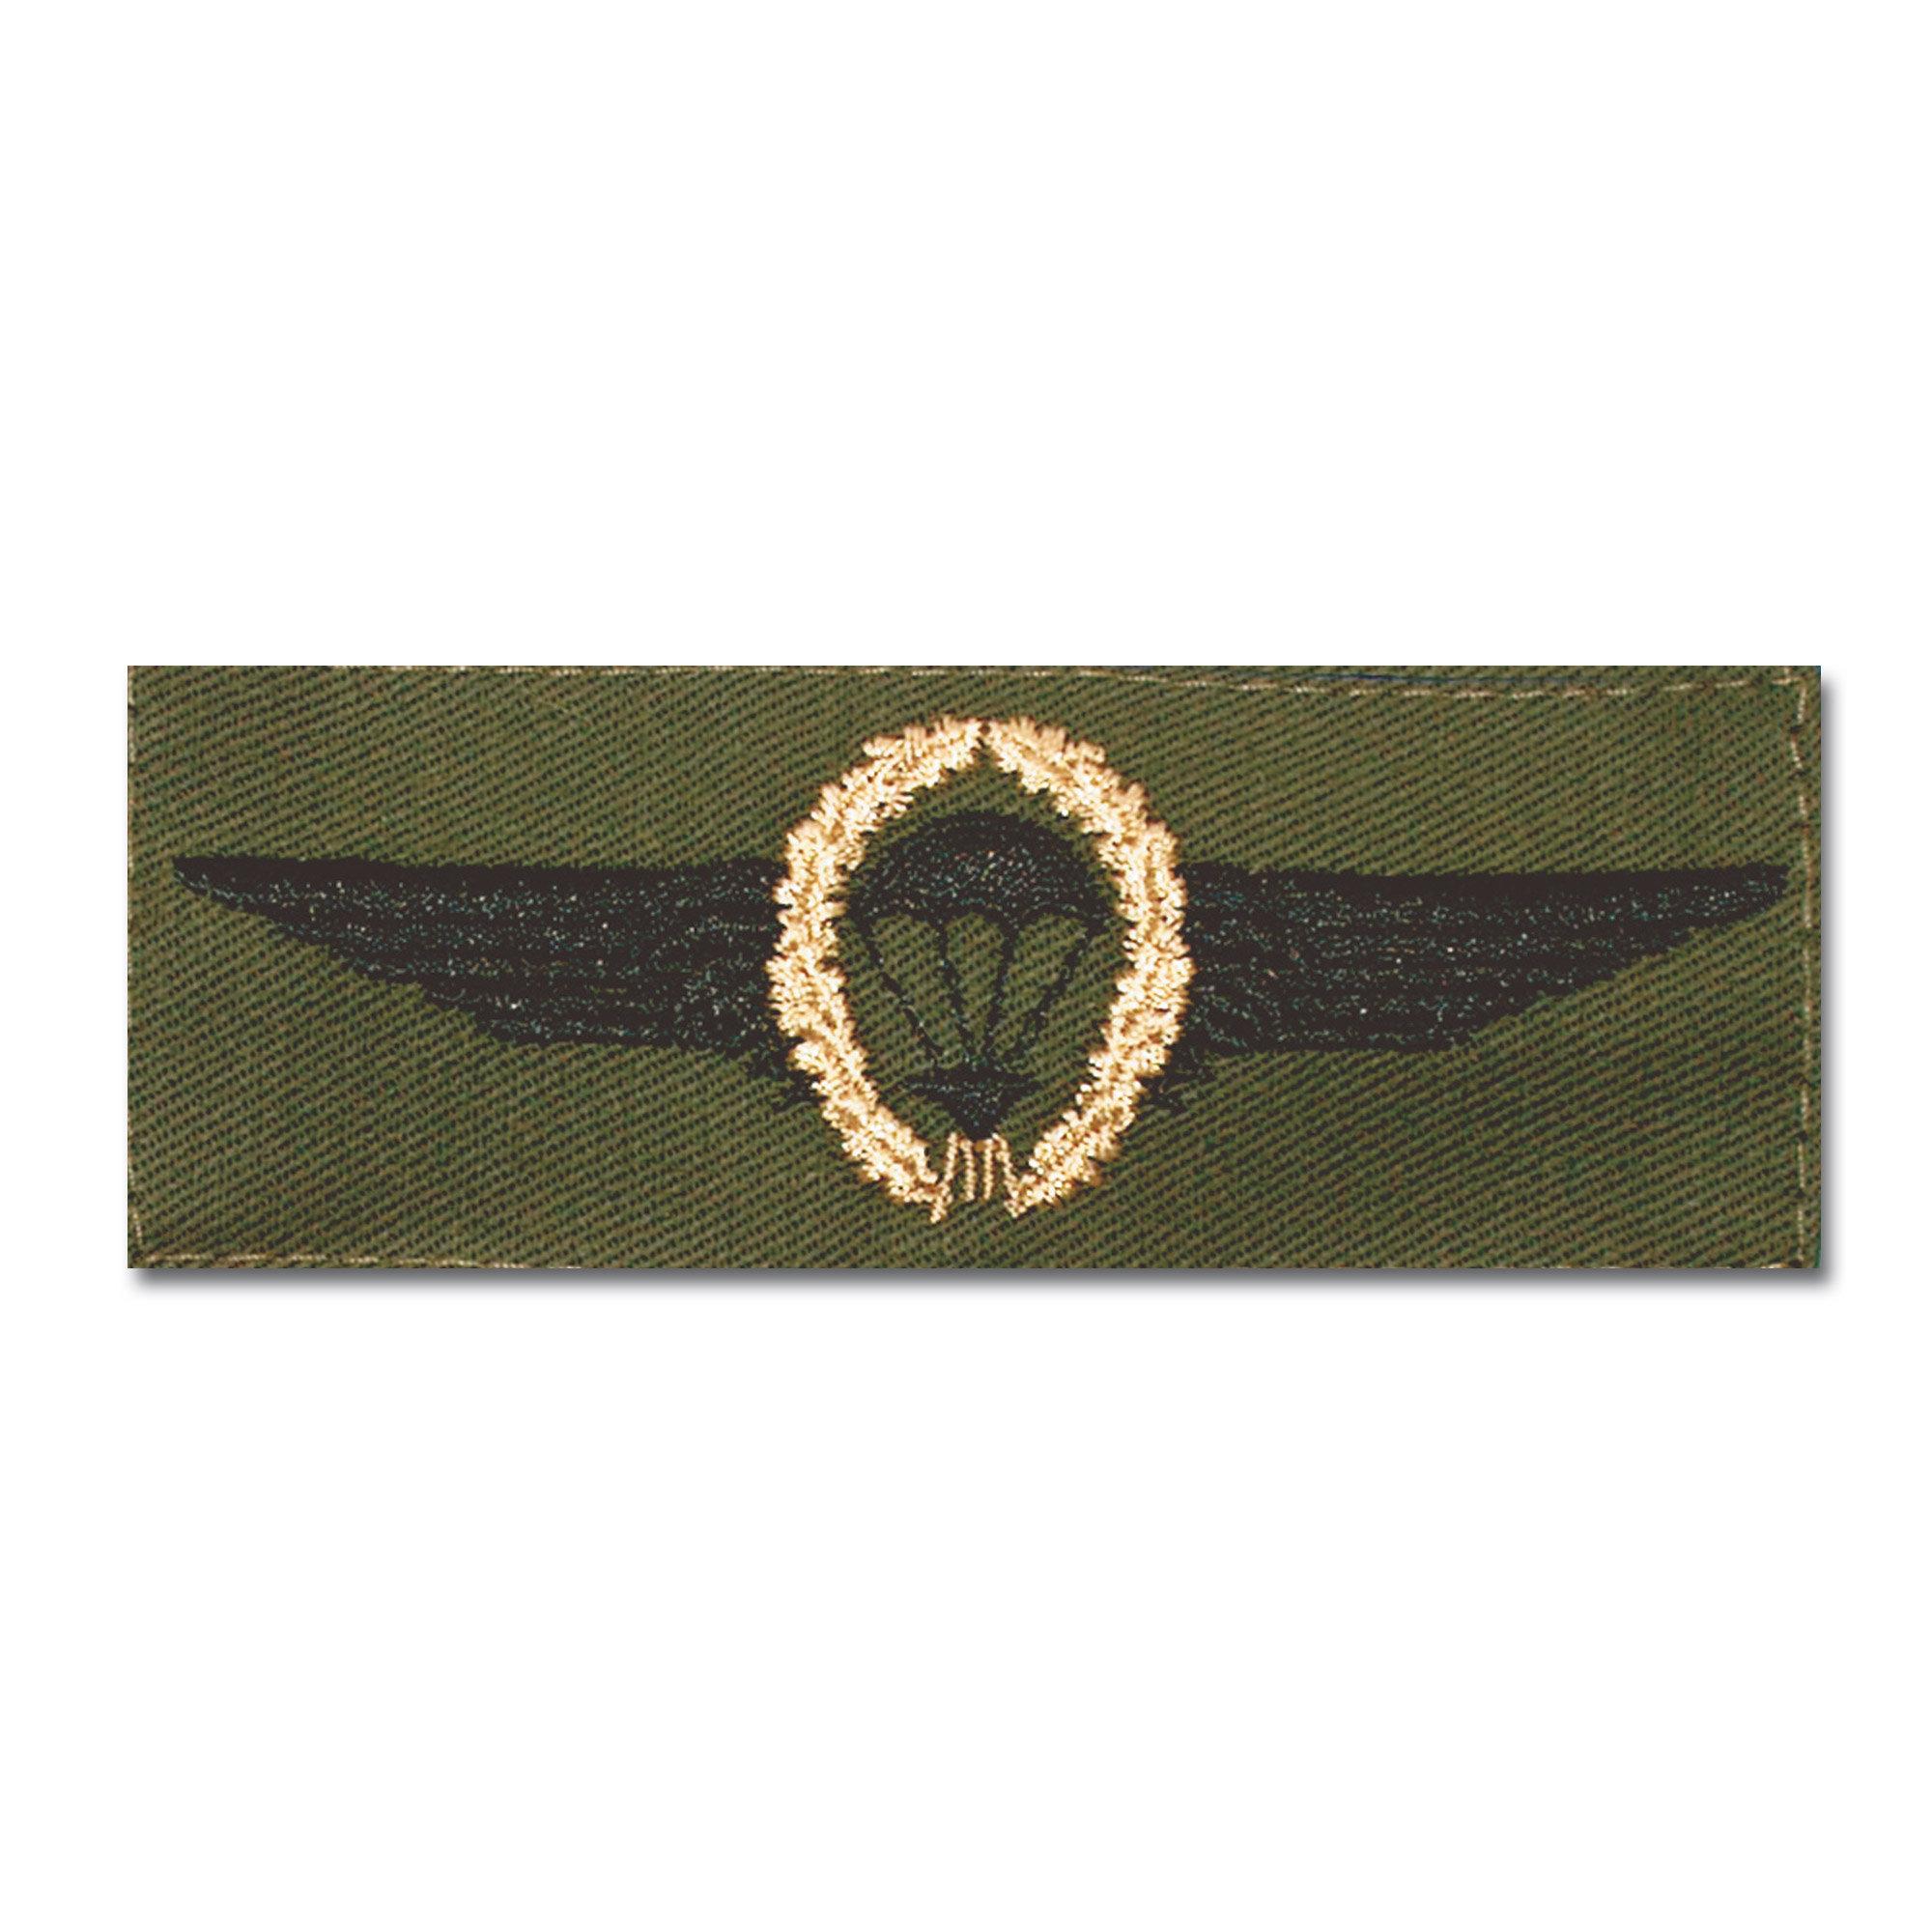 Abz. BW Fallschirmspringer bronze/oliv